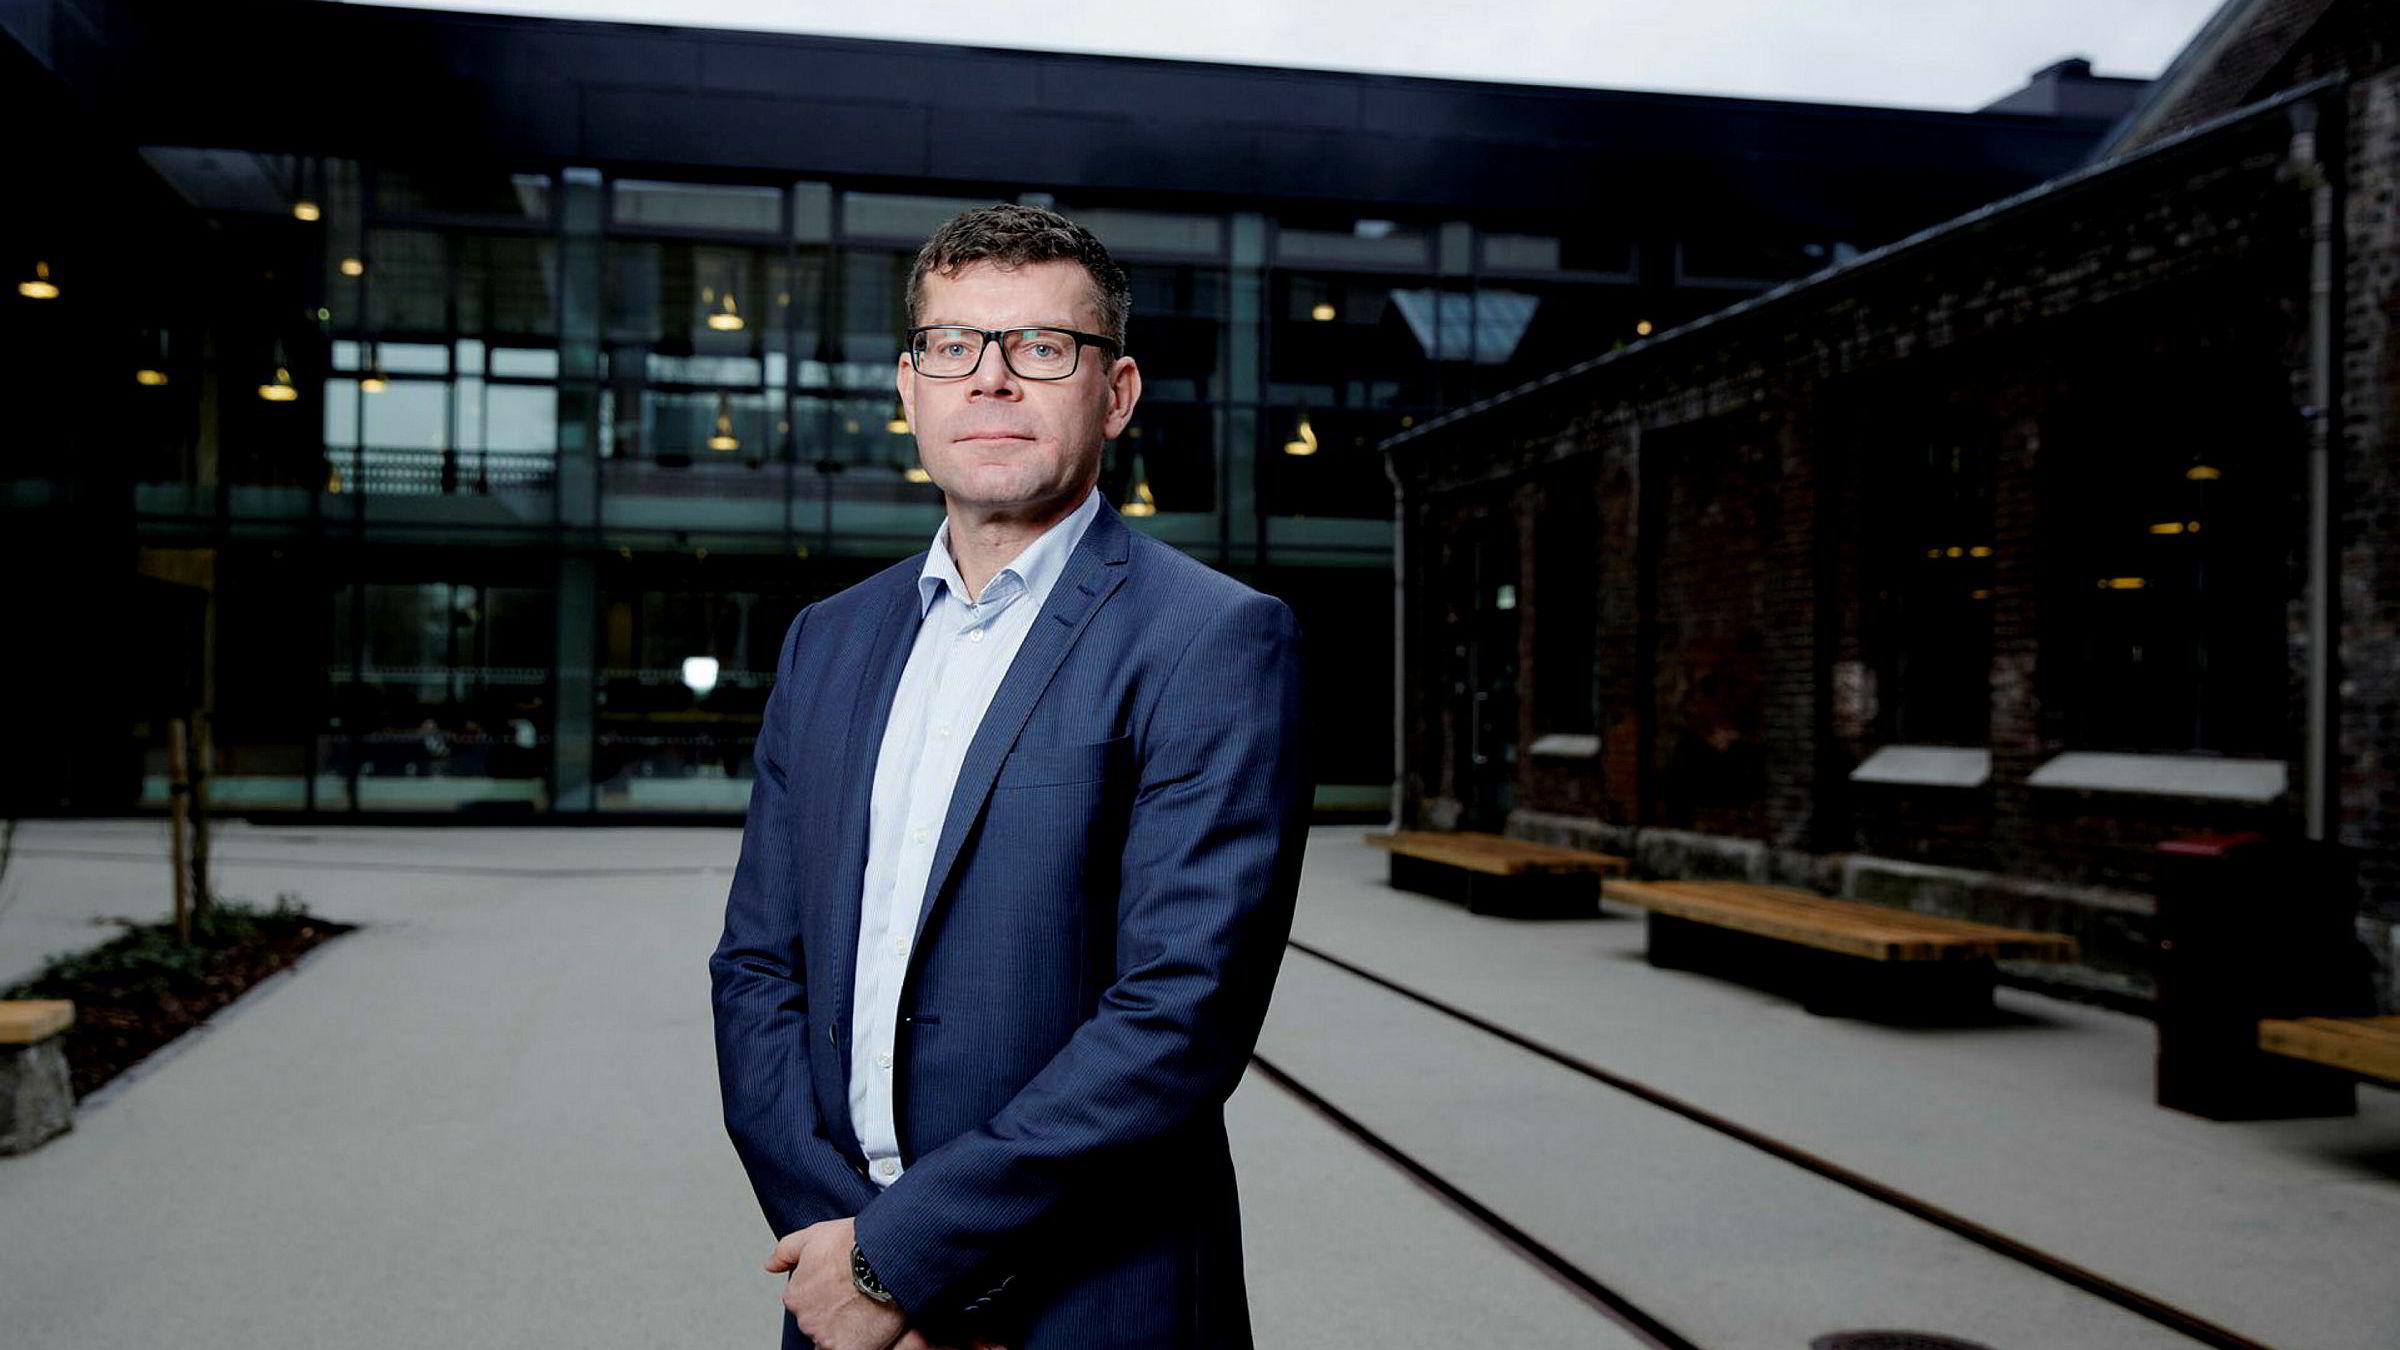 – Det denne saken skiller seg fra andre, er at det har vært mere kontakt mellom partene, sier avdelingsdirektør Gjermund Nese i Konkurransetilsynet og tilbakeviser kritikken.